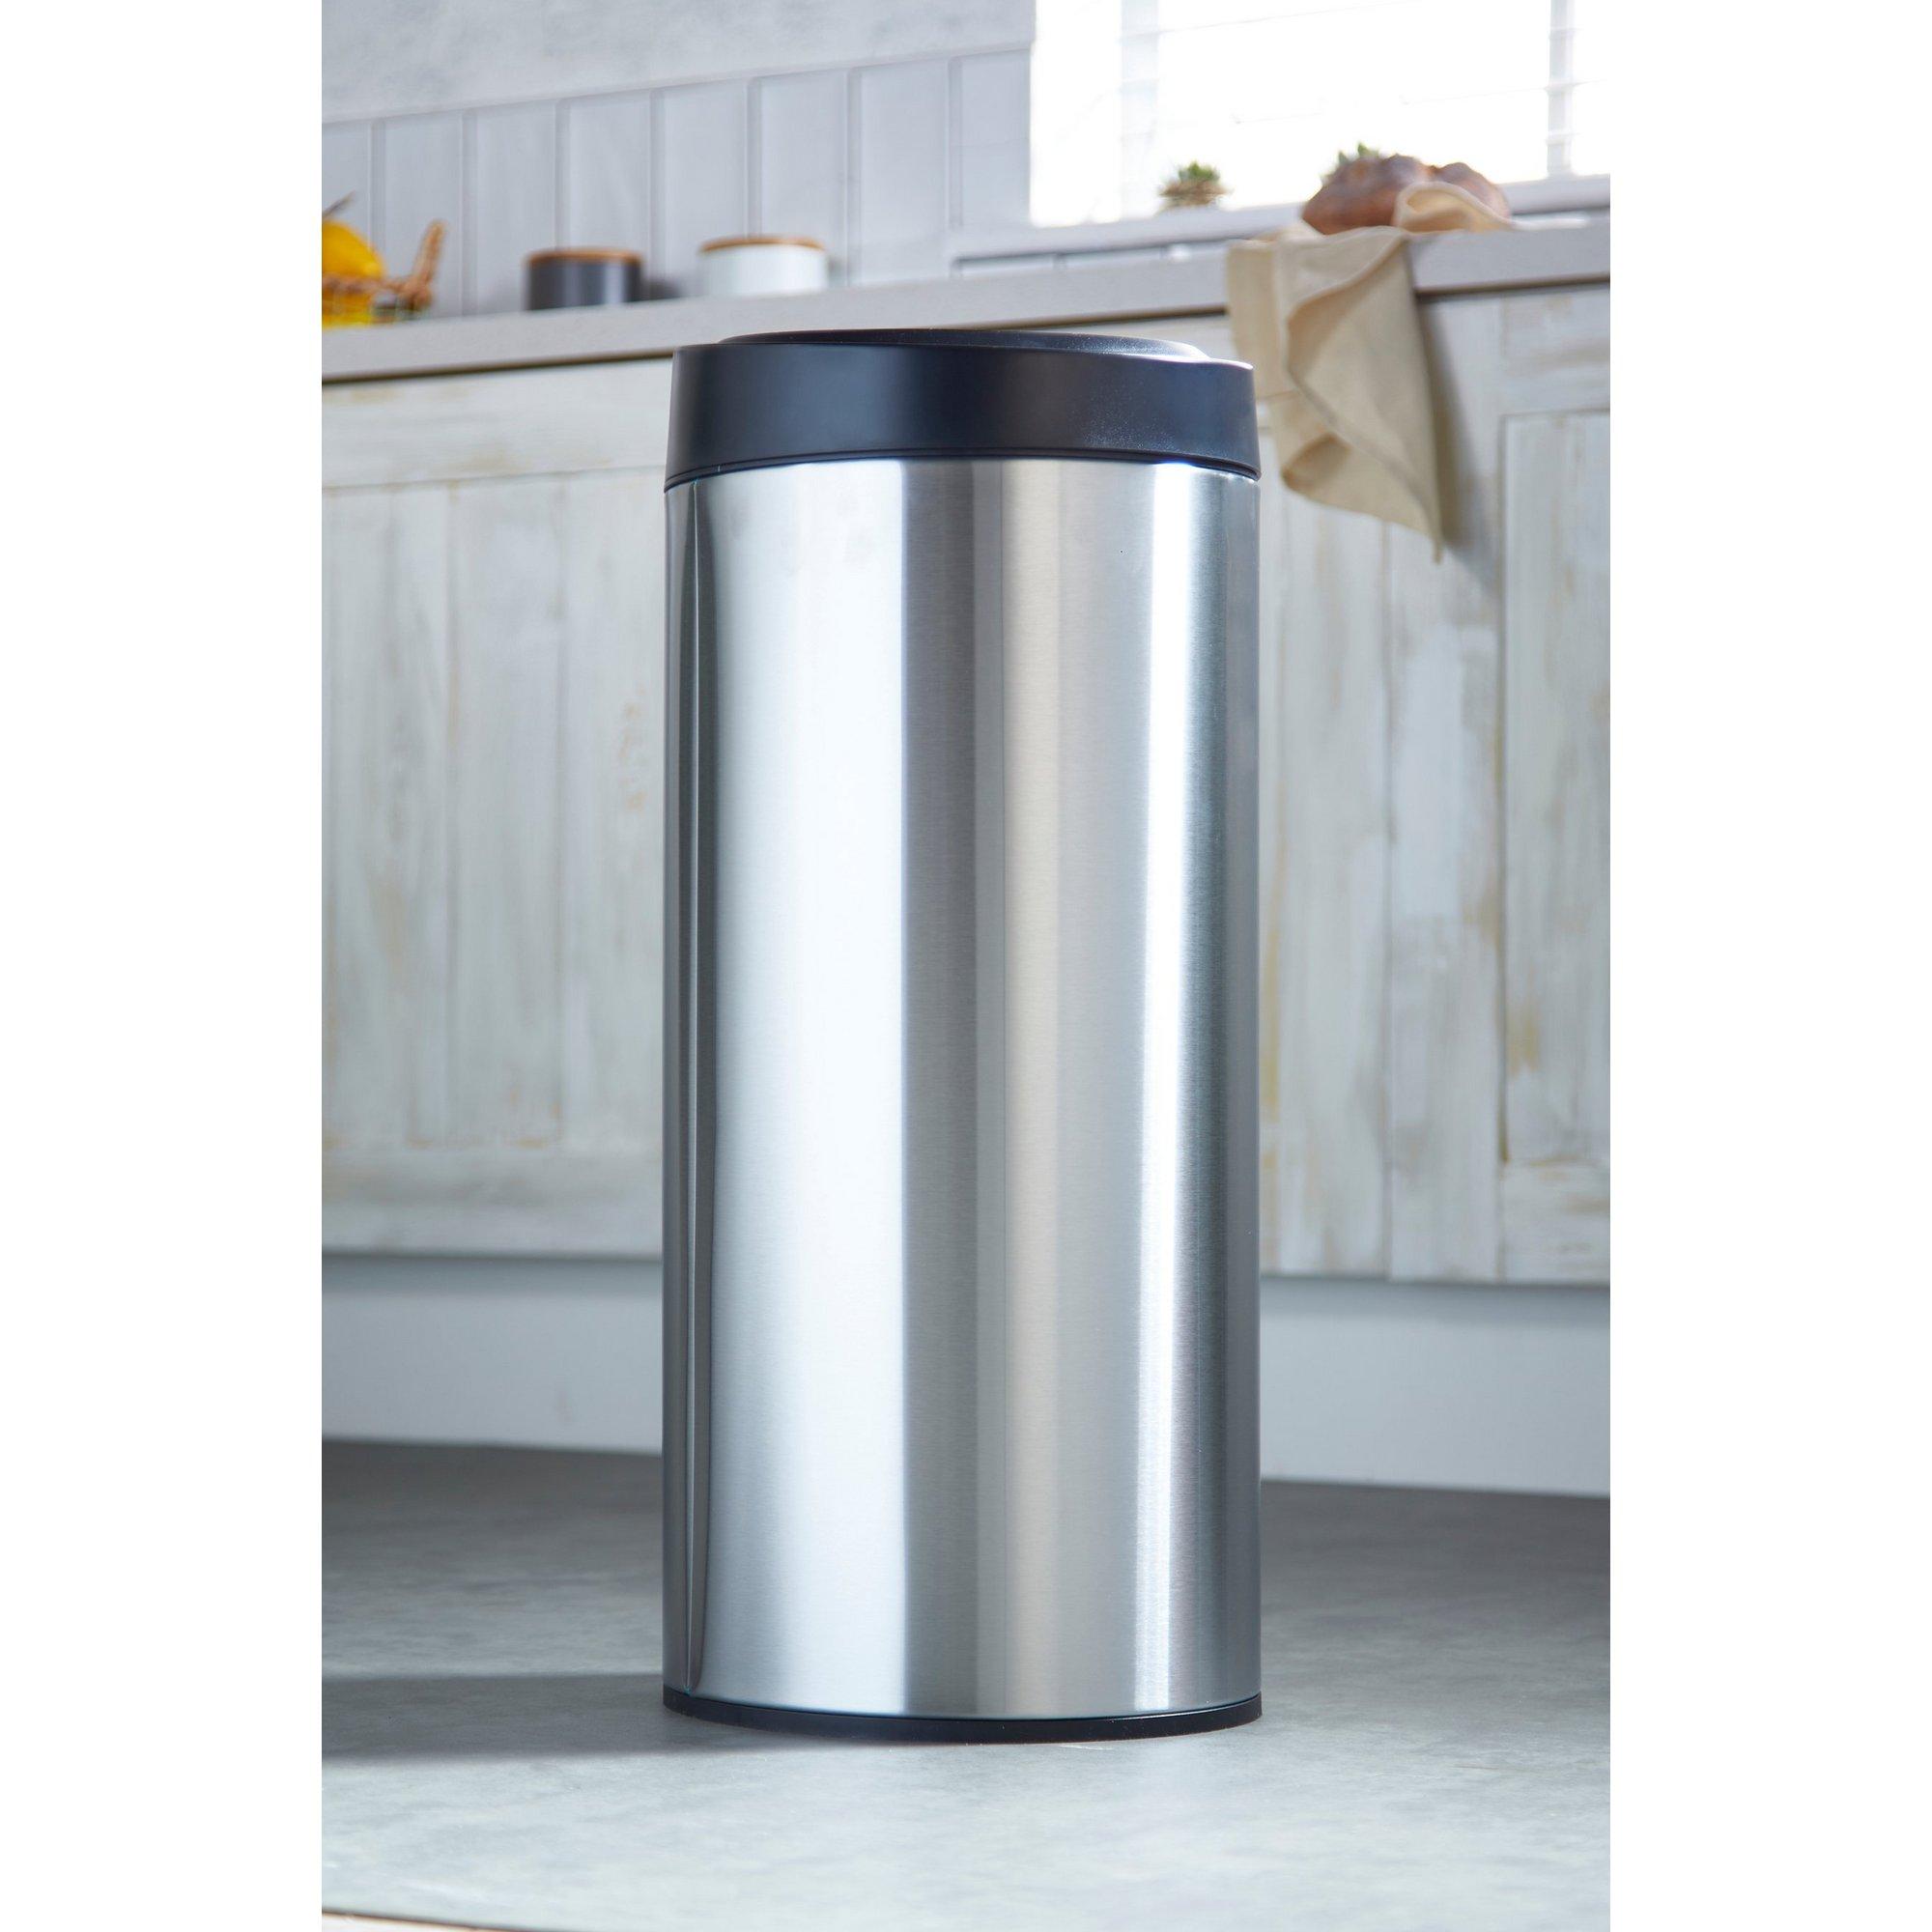 Image of 30 Litre Stainless Steel Sensor Bin